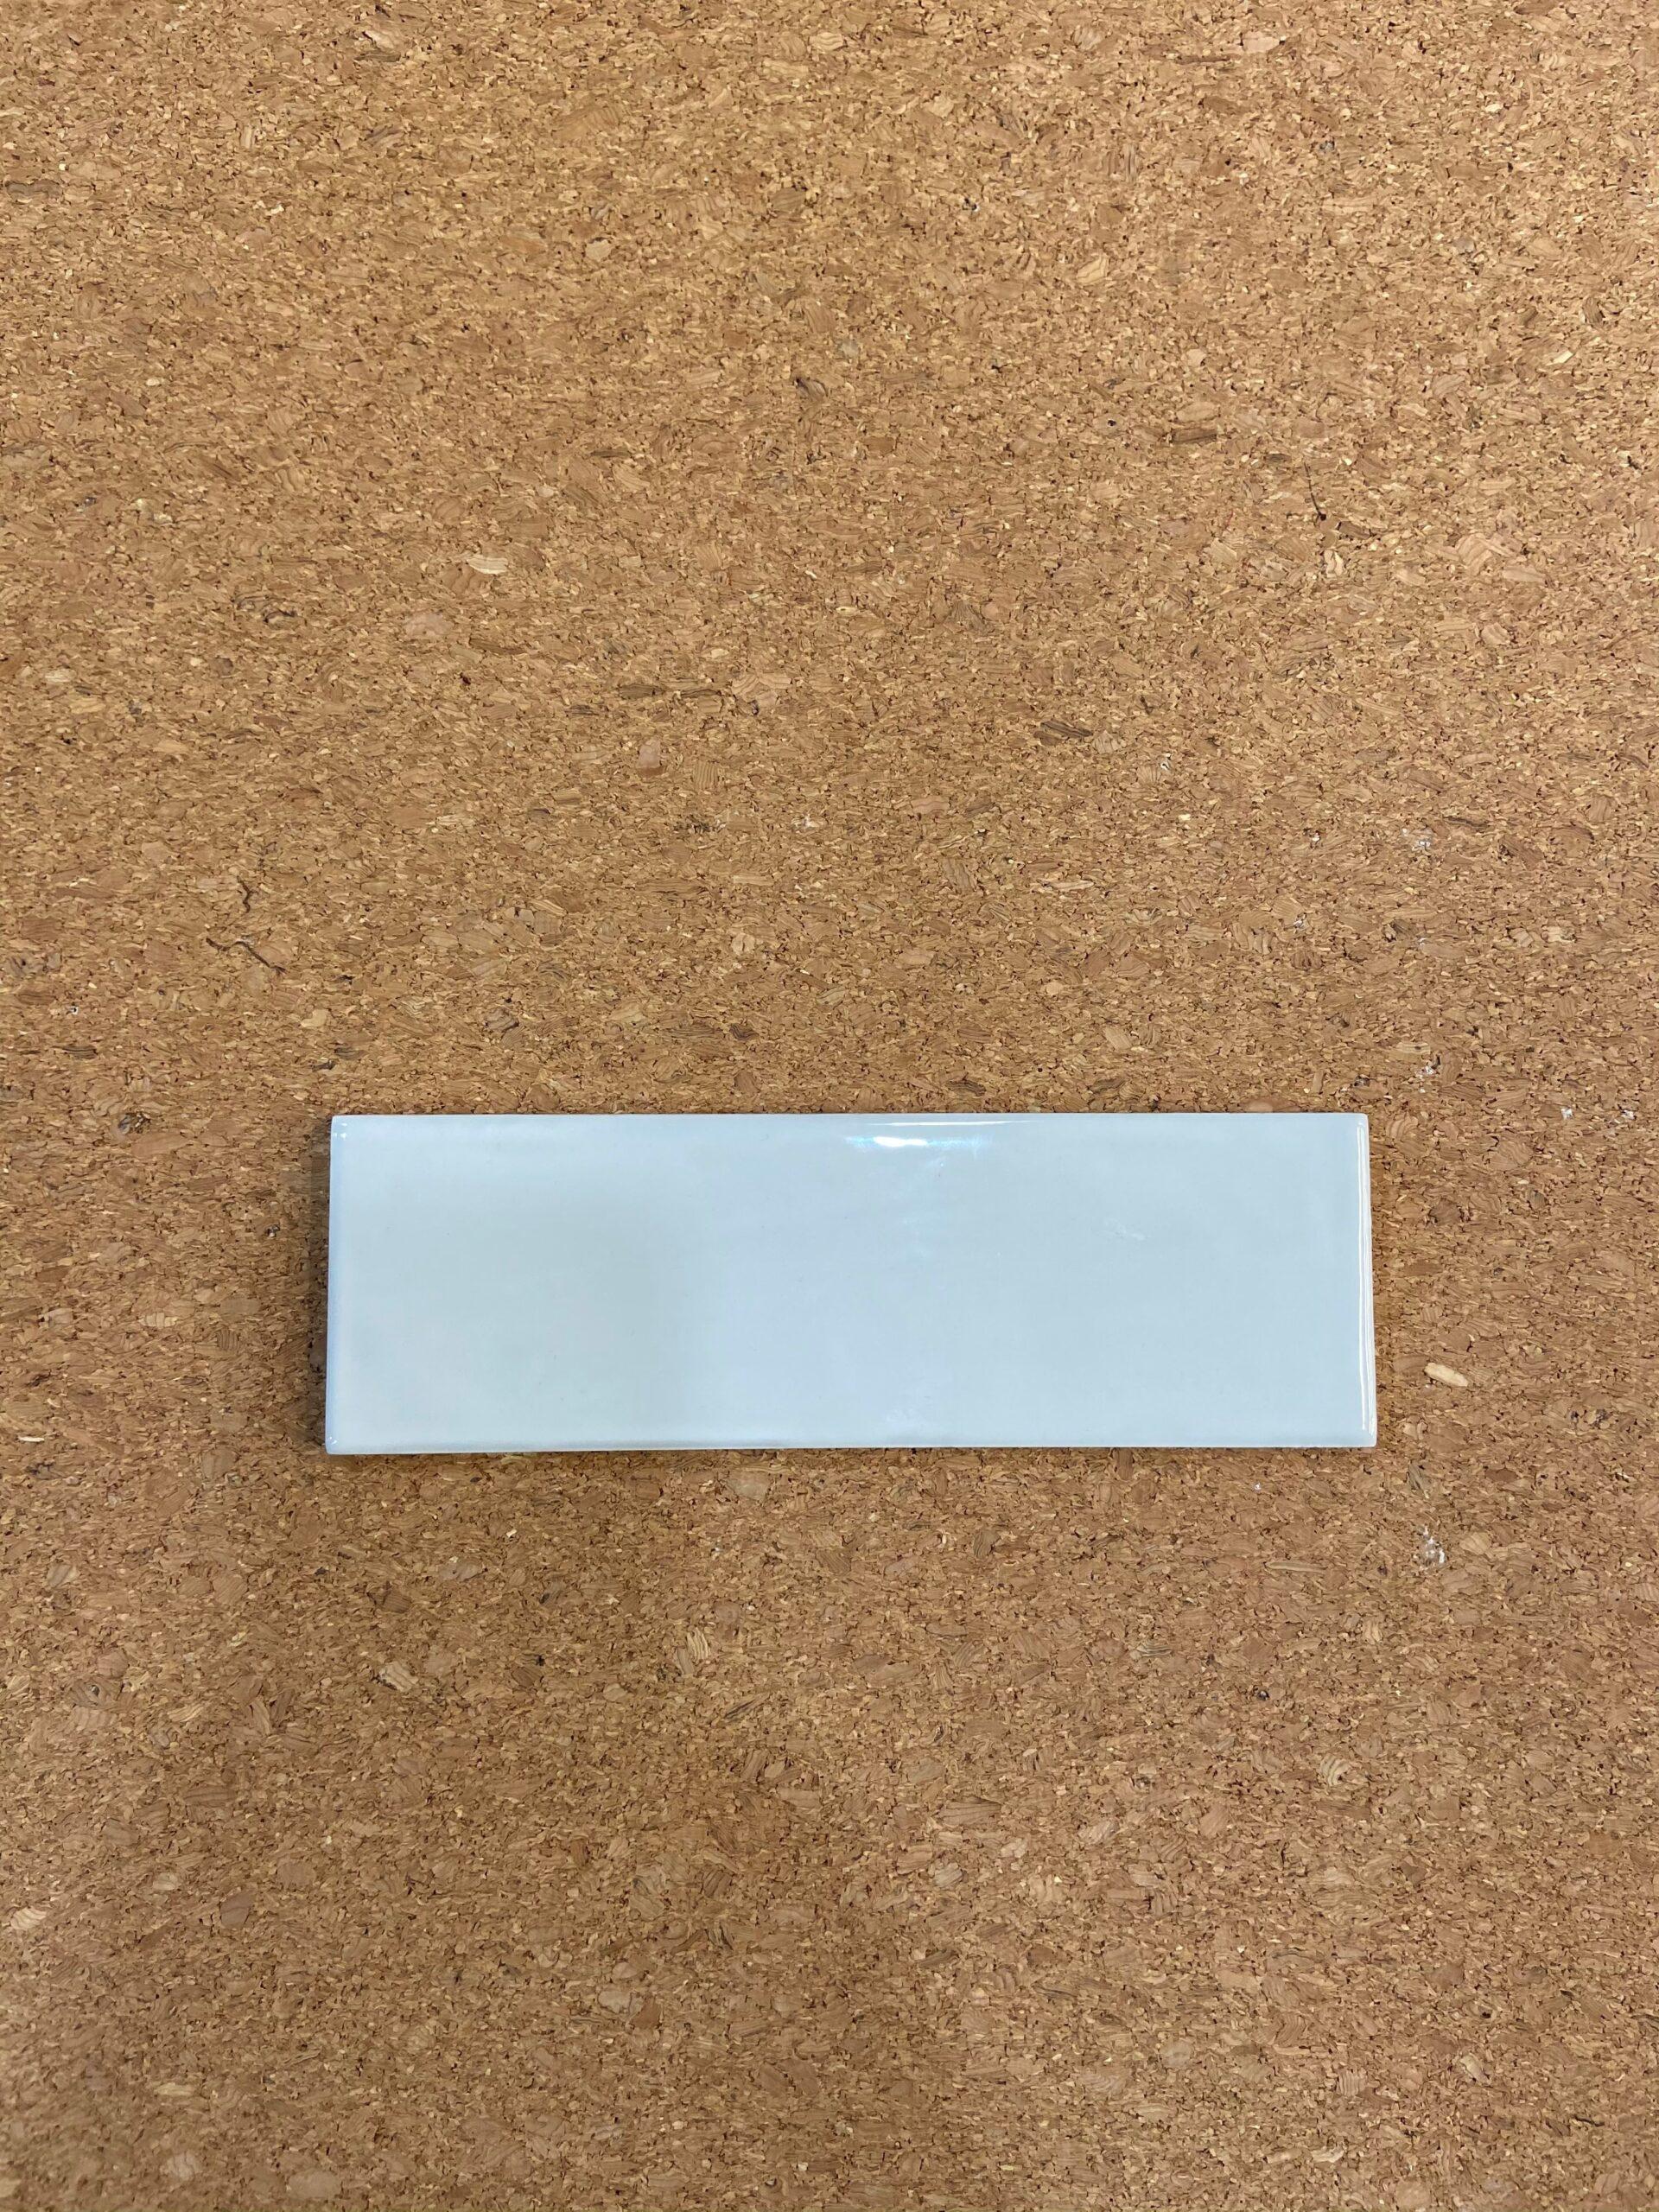 Clearance Tile 2 x 8 Grey